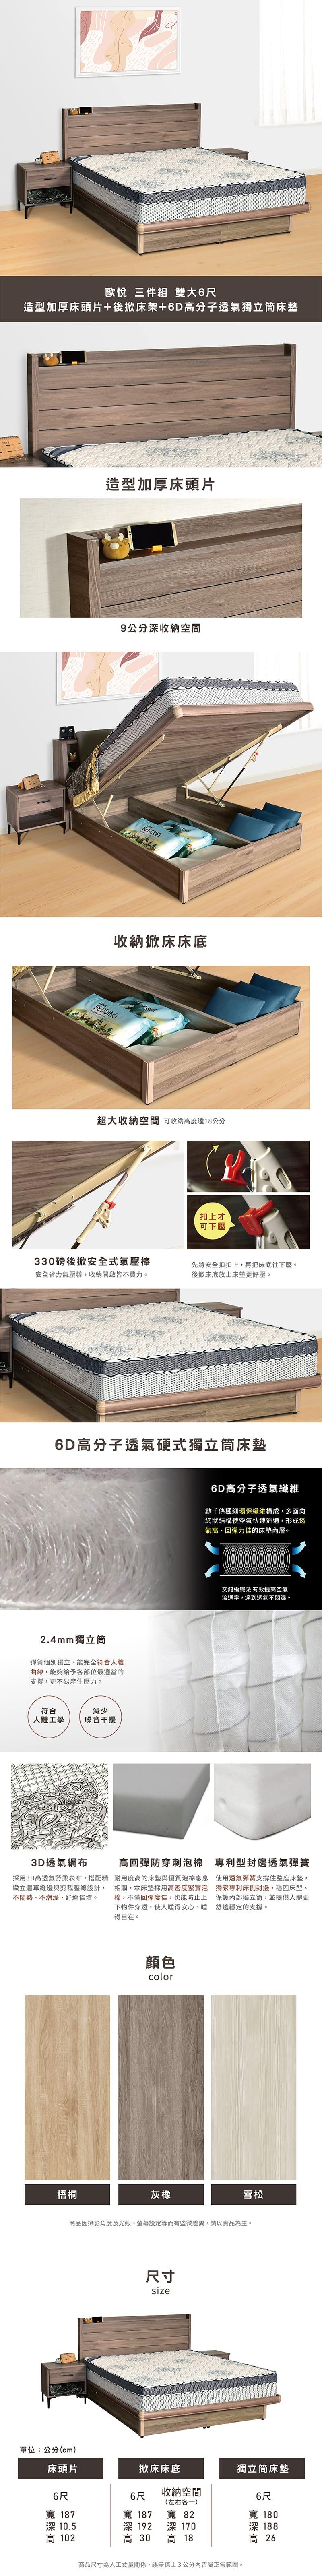 收納床組三件 雙人加大6尺(床頭片+掀床+硬式獨立筒)【諾亞】